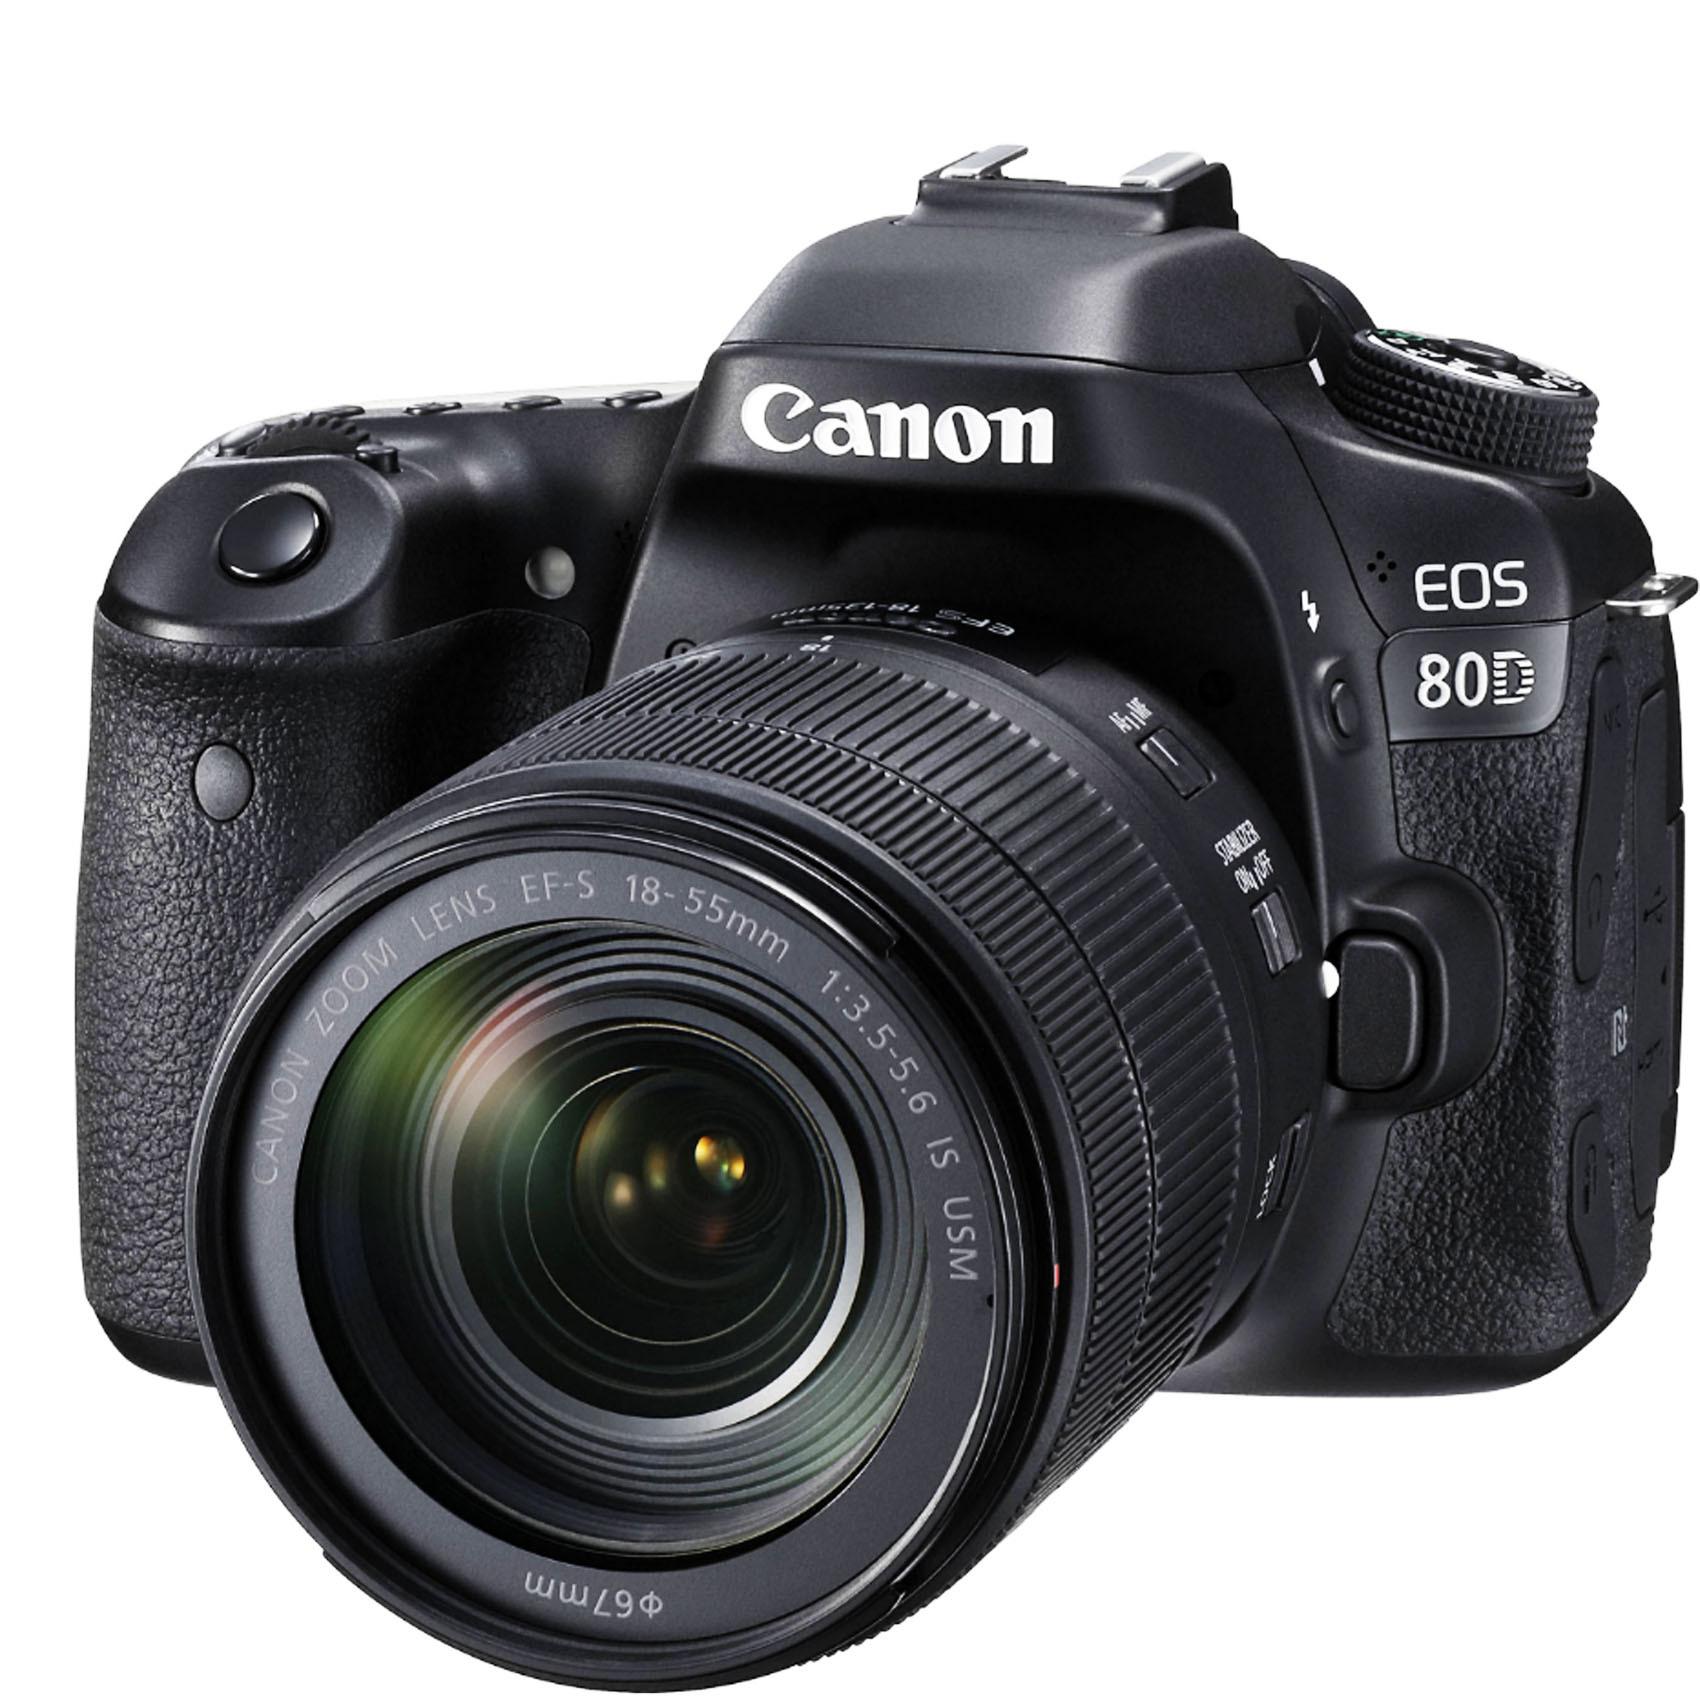 CANON SLR EOS80D 18-55IS STM+16G+CS